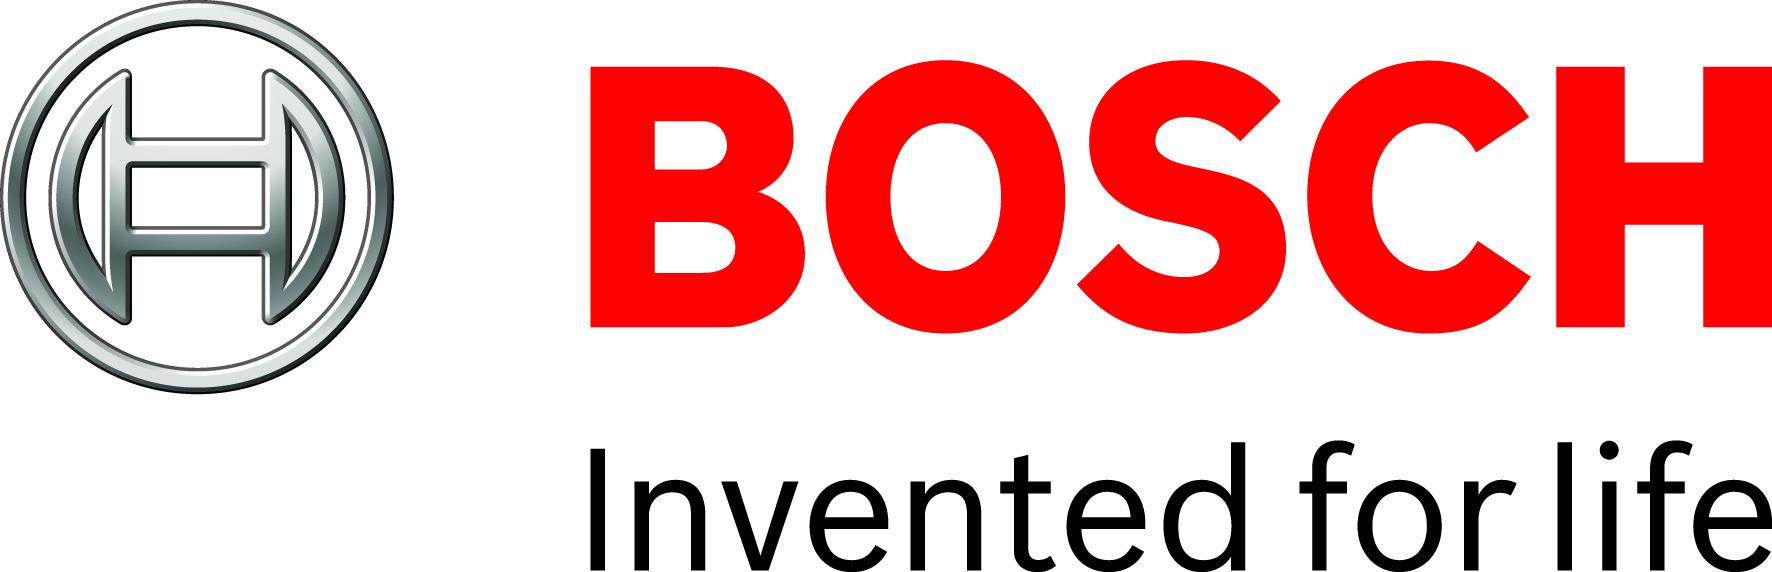 Bosch - HI-RES